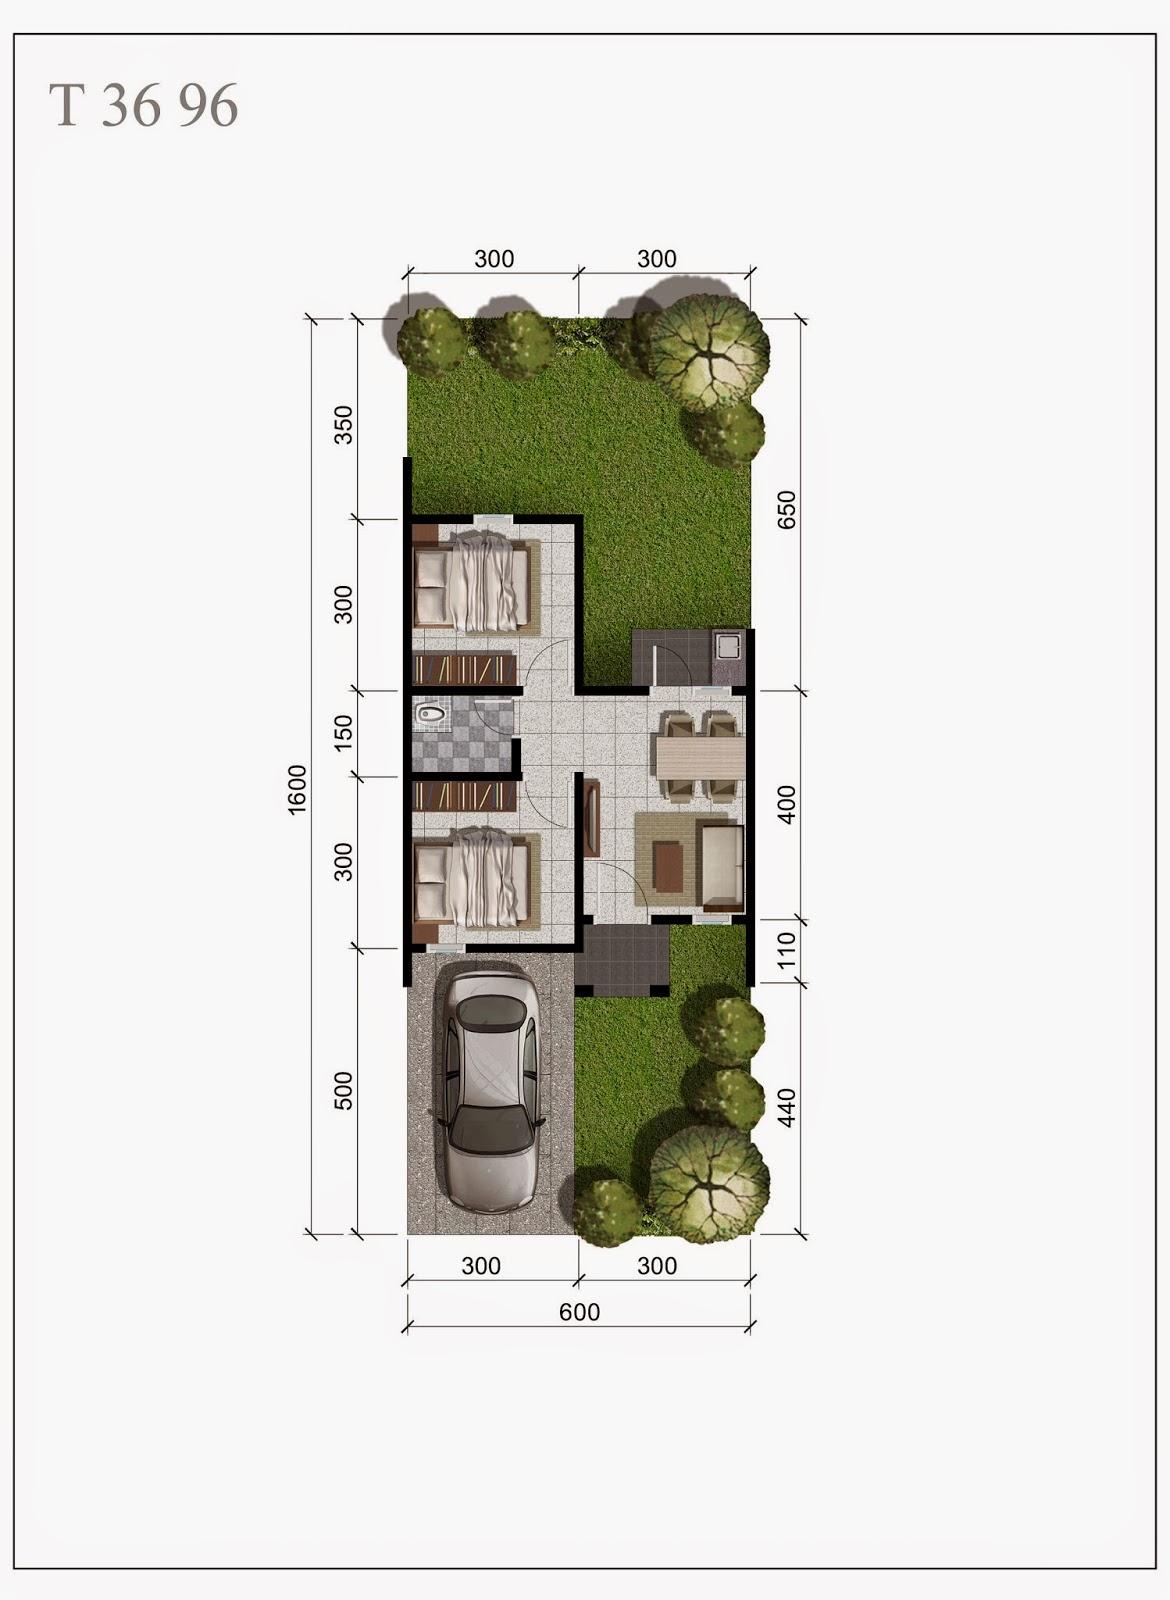 Citra Indah - Denah Rumah Bukit Cattleya